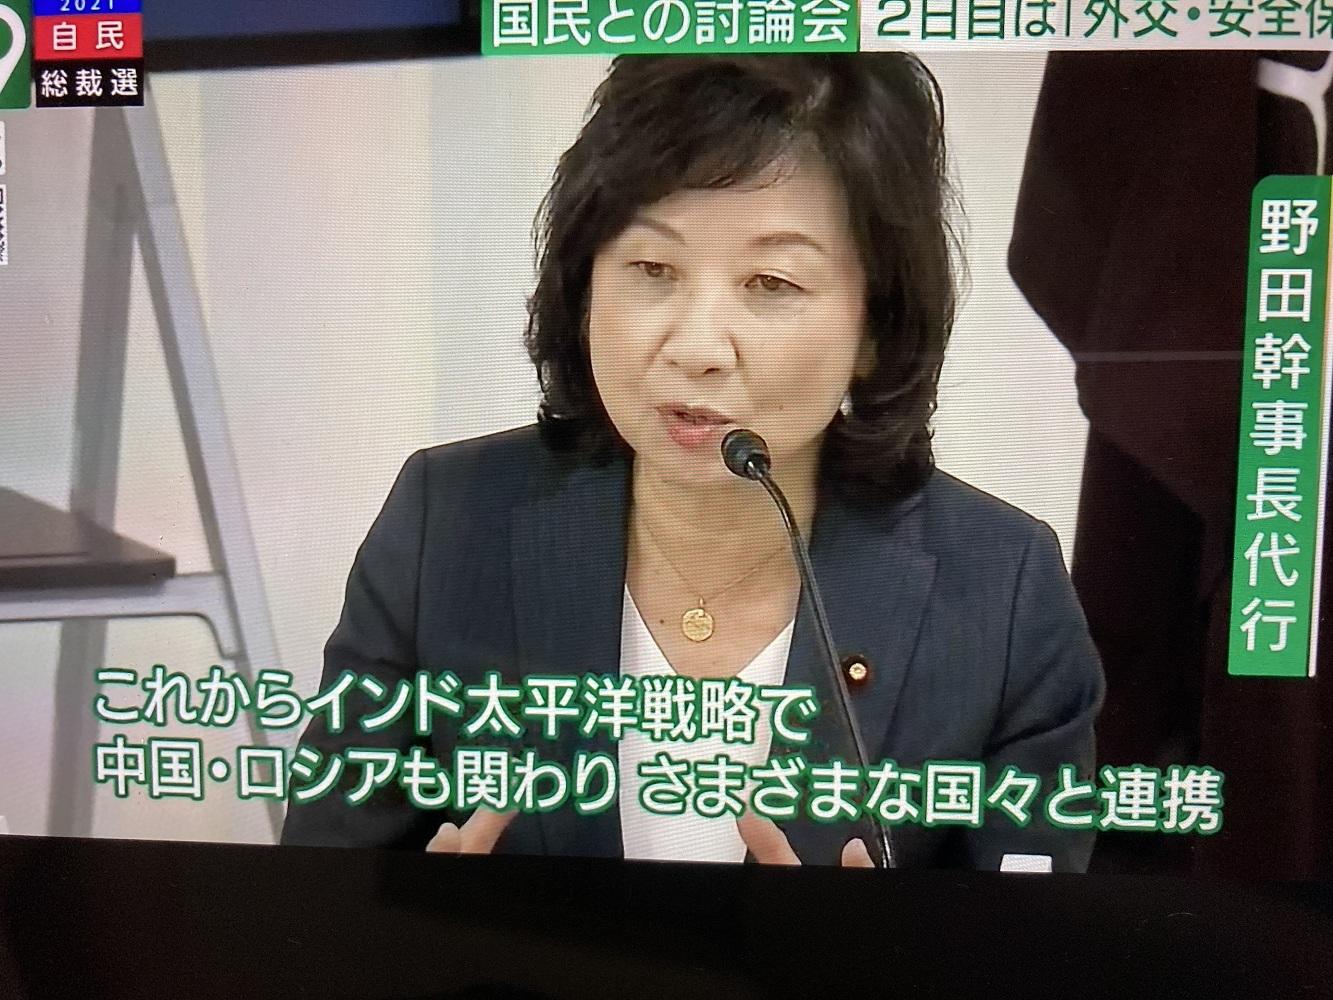 野田聖子是二階挺出的泡沫候選人,利用此時不斷挺中國,要讓中國加入CPTPP外,還要跟中俄聯手。 圖:攝自NHK